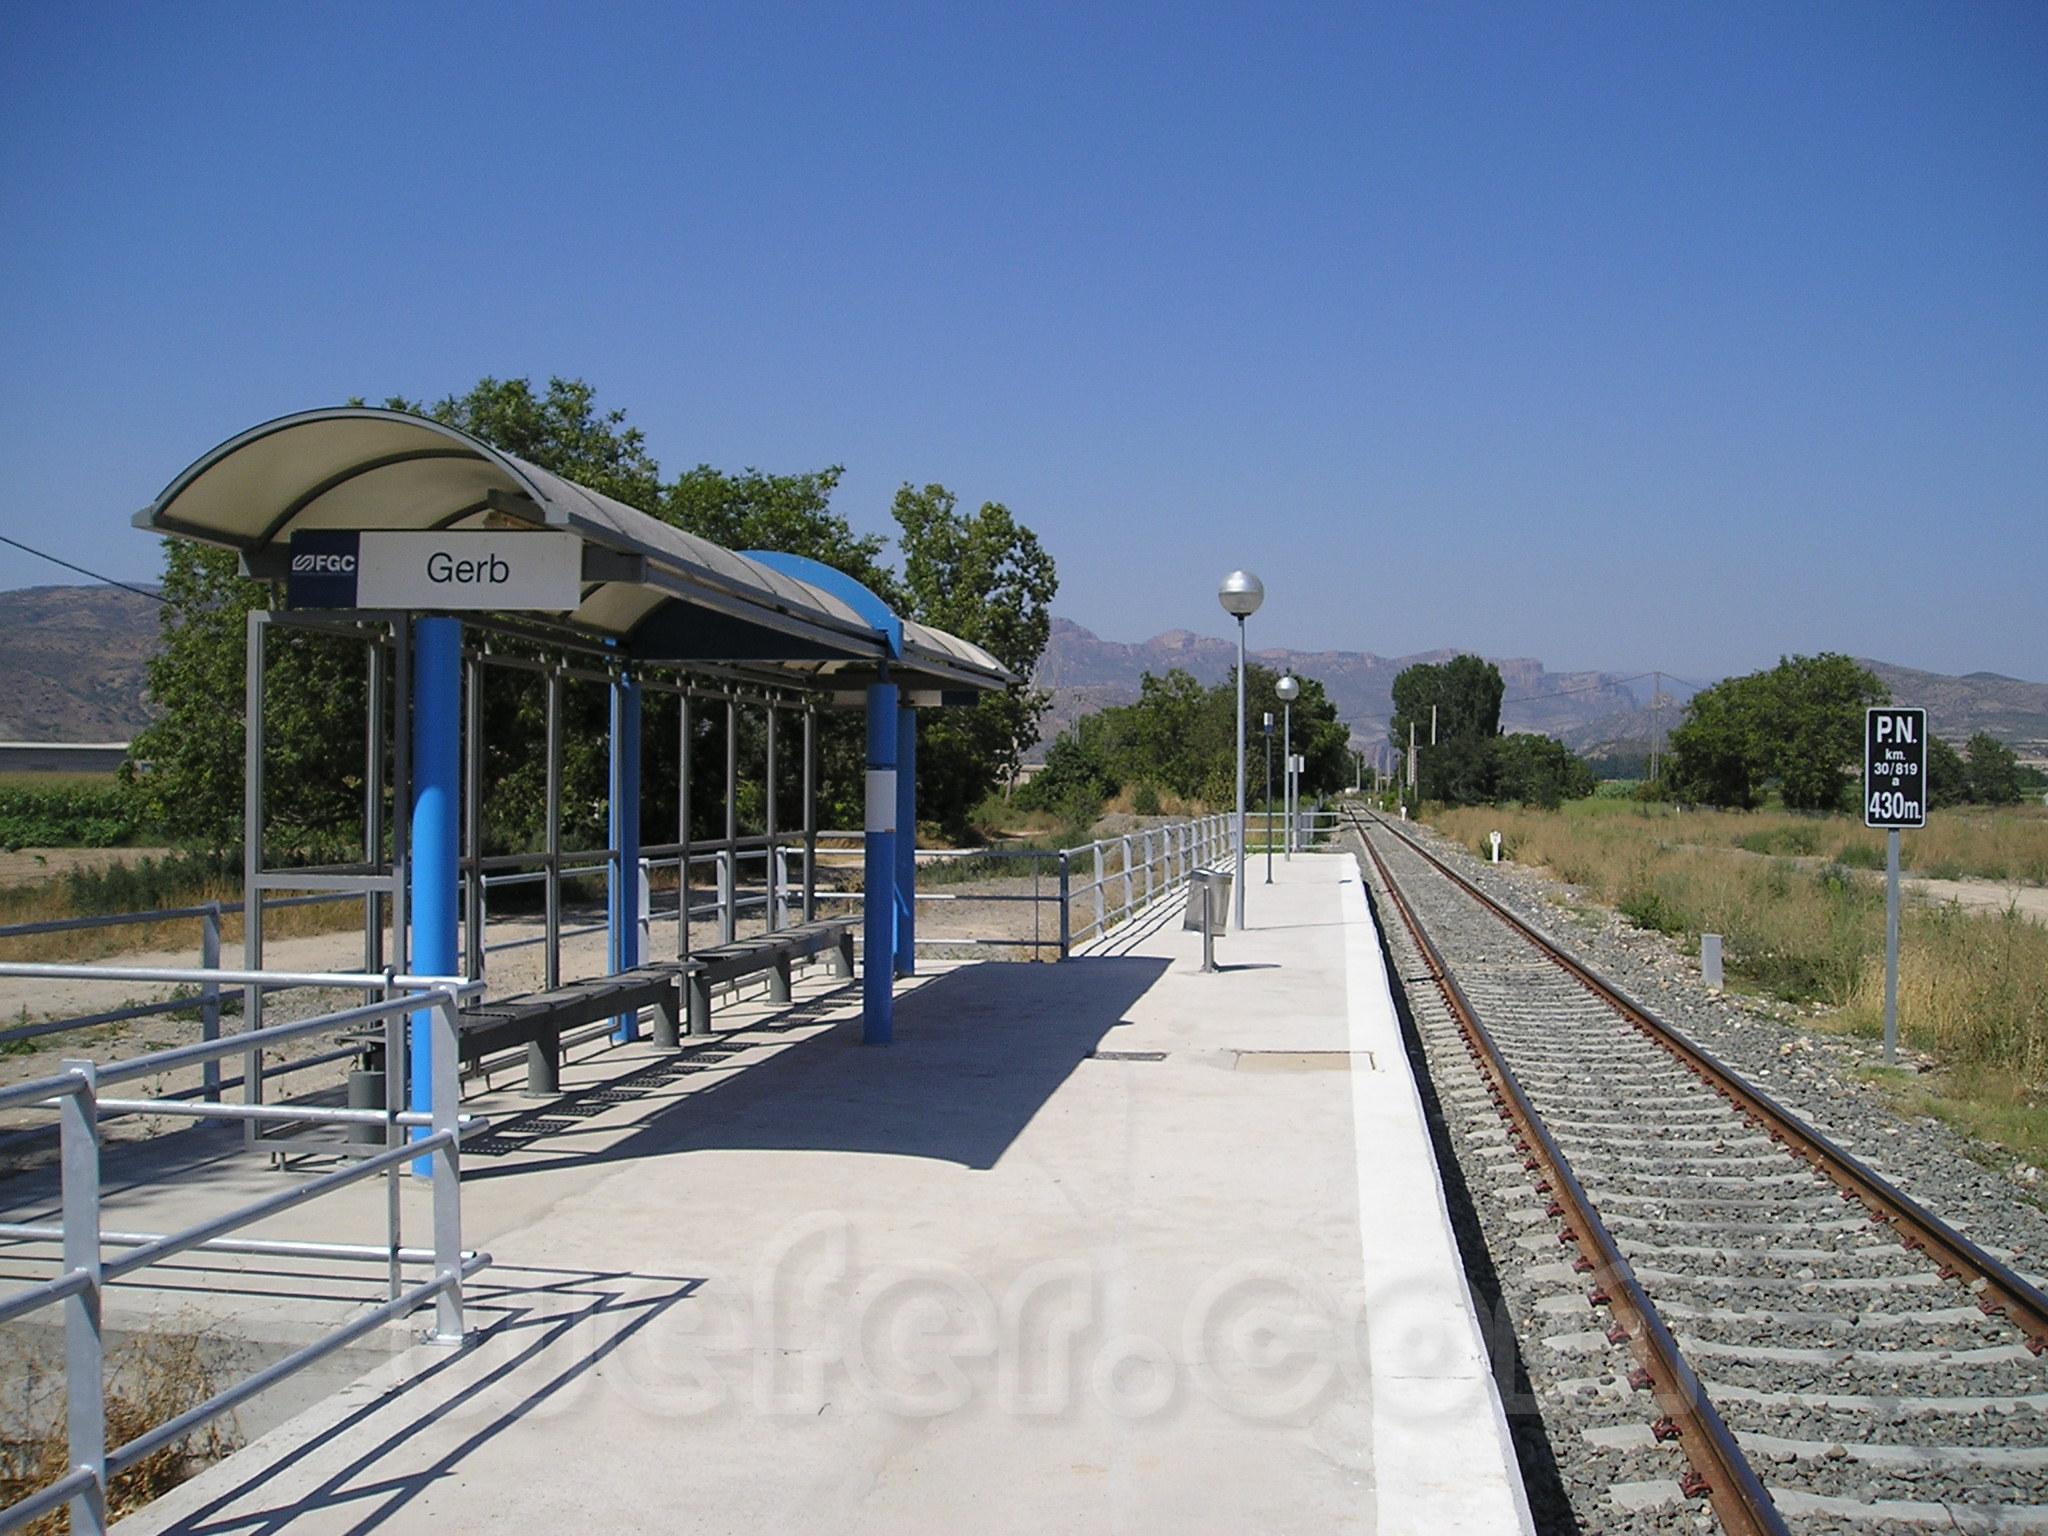 FGC: estación Gerb